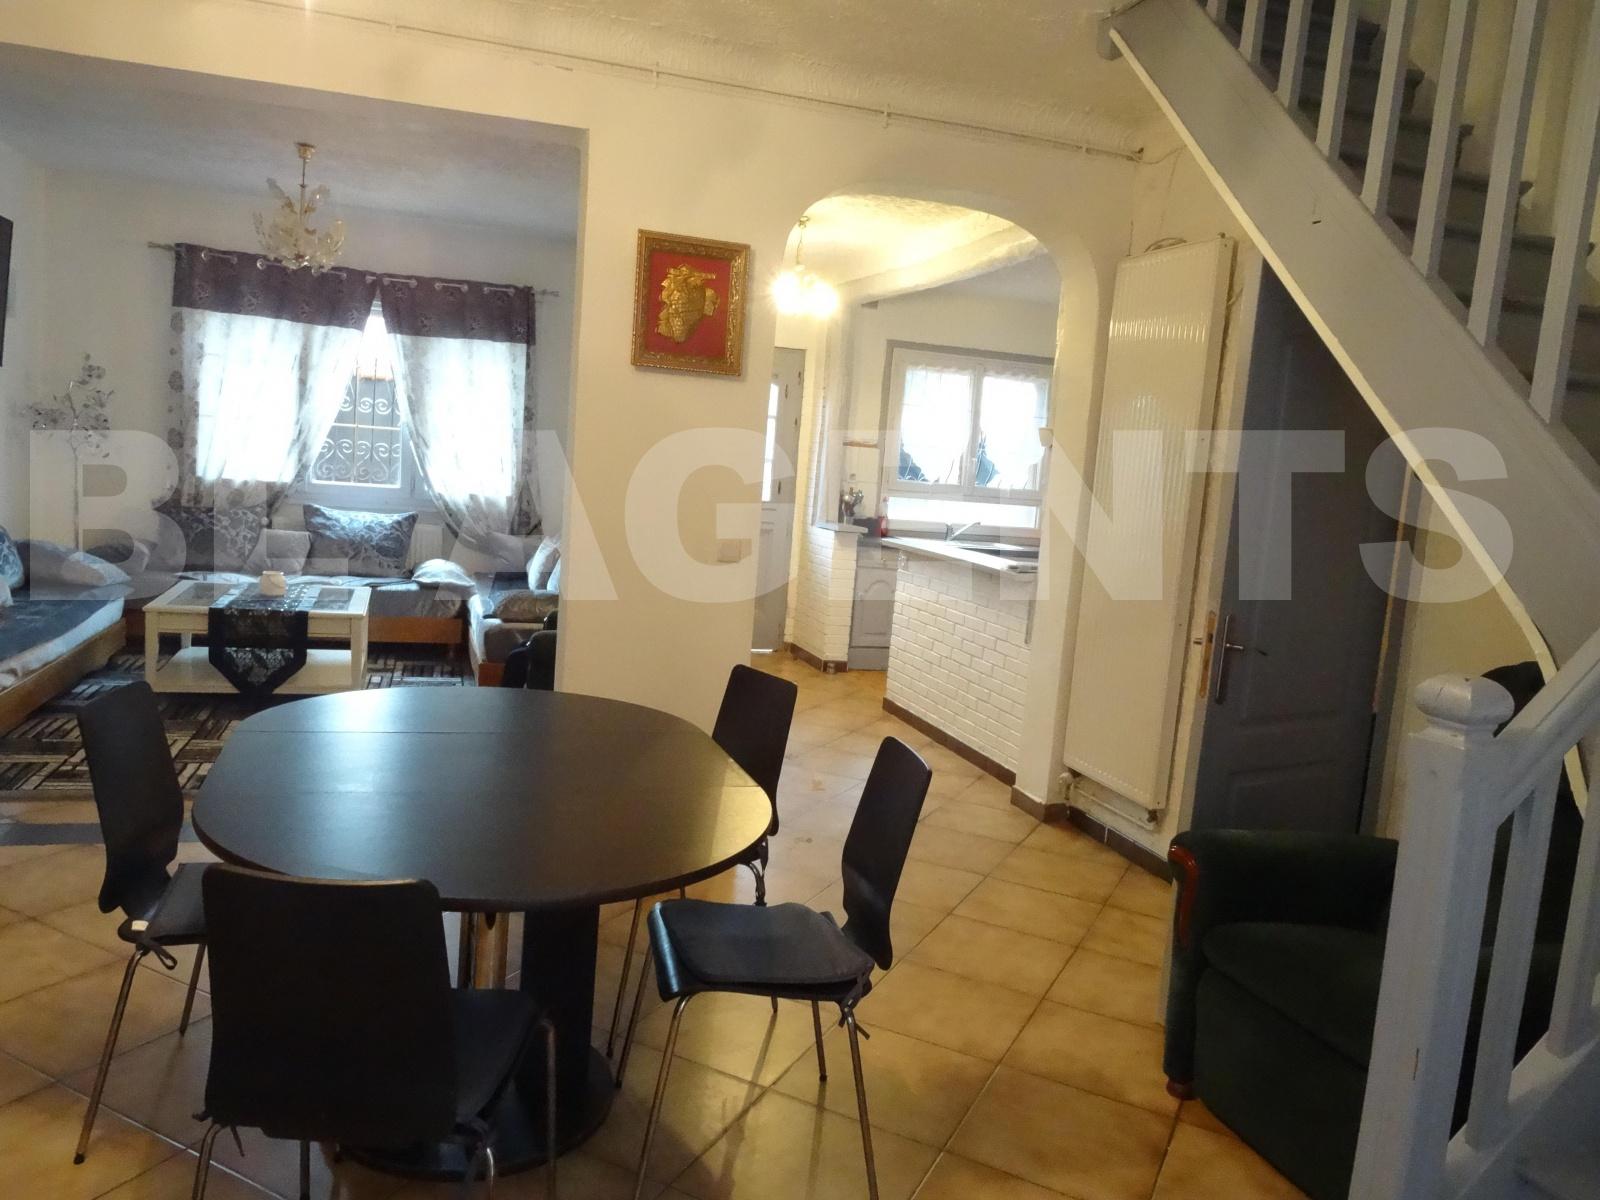 Annonce vente maison villepinte 93420 95 m 208 000 for Piscine de villepinte